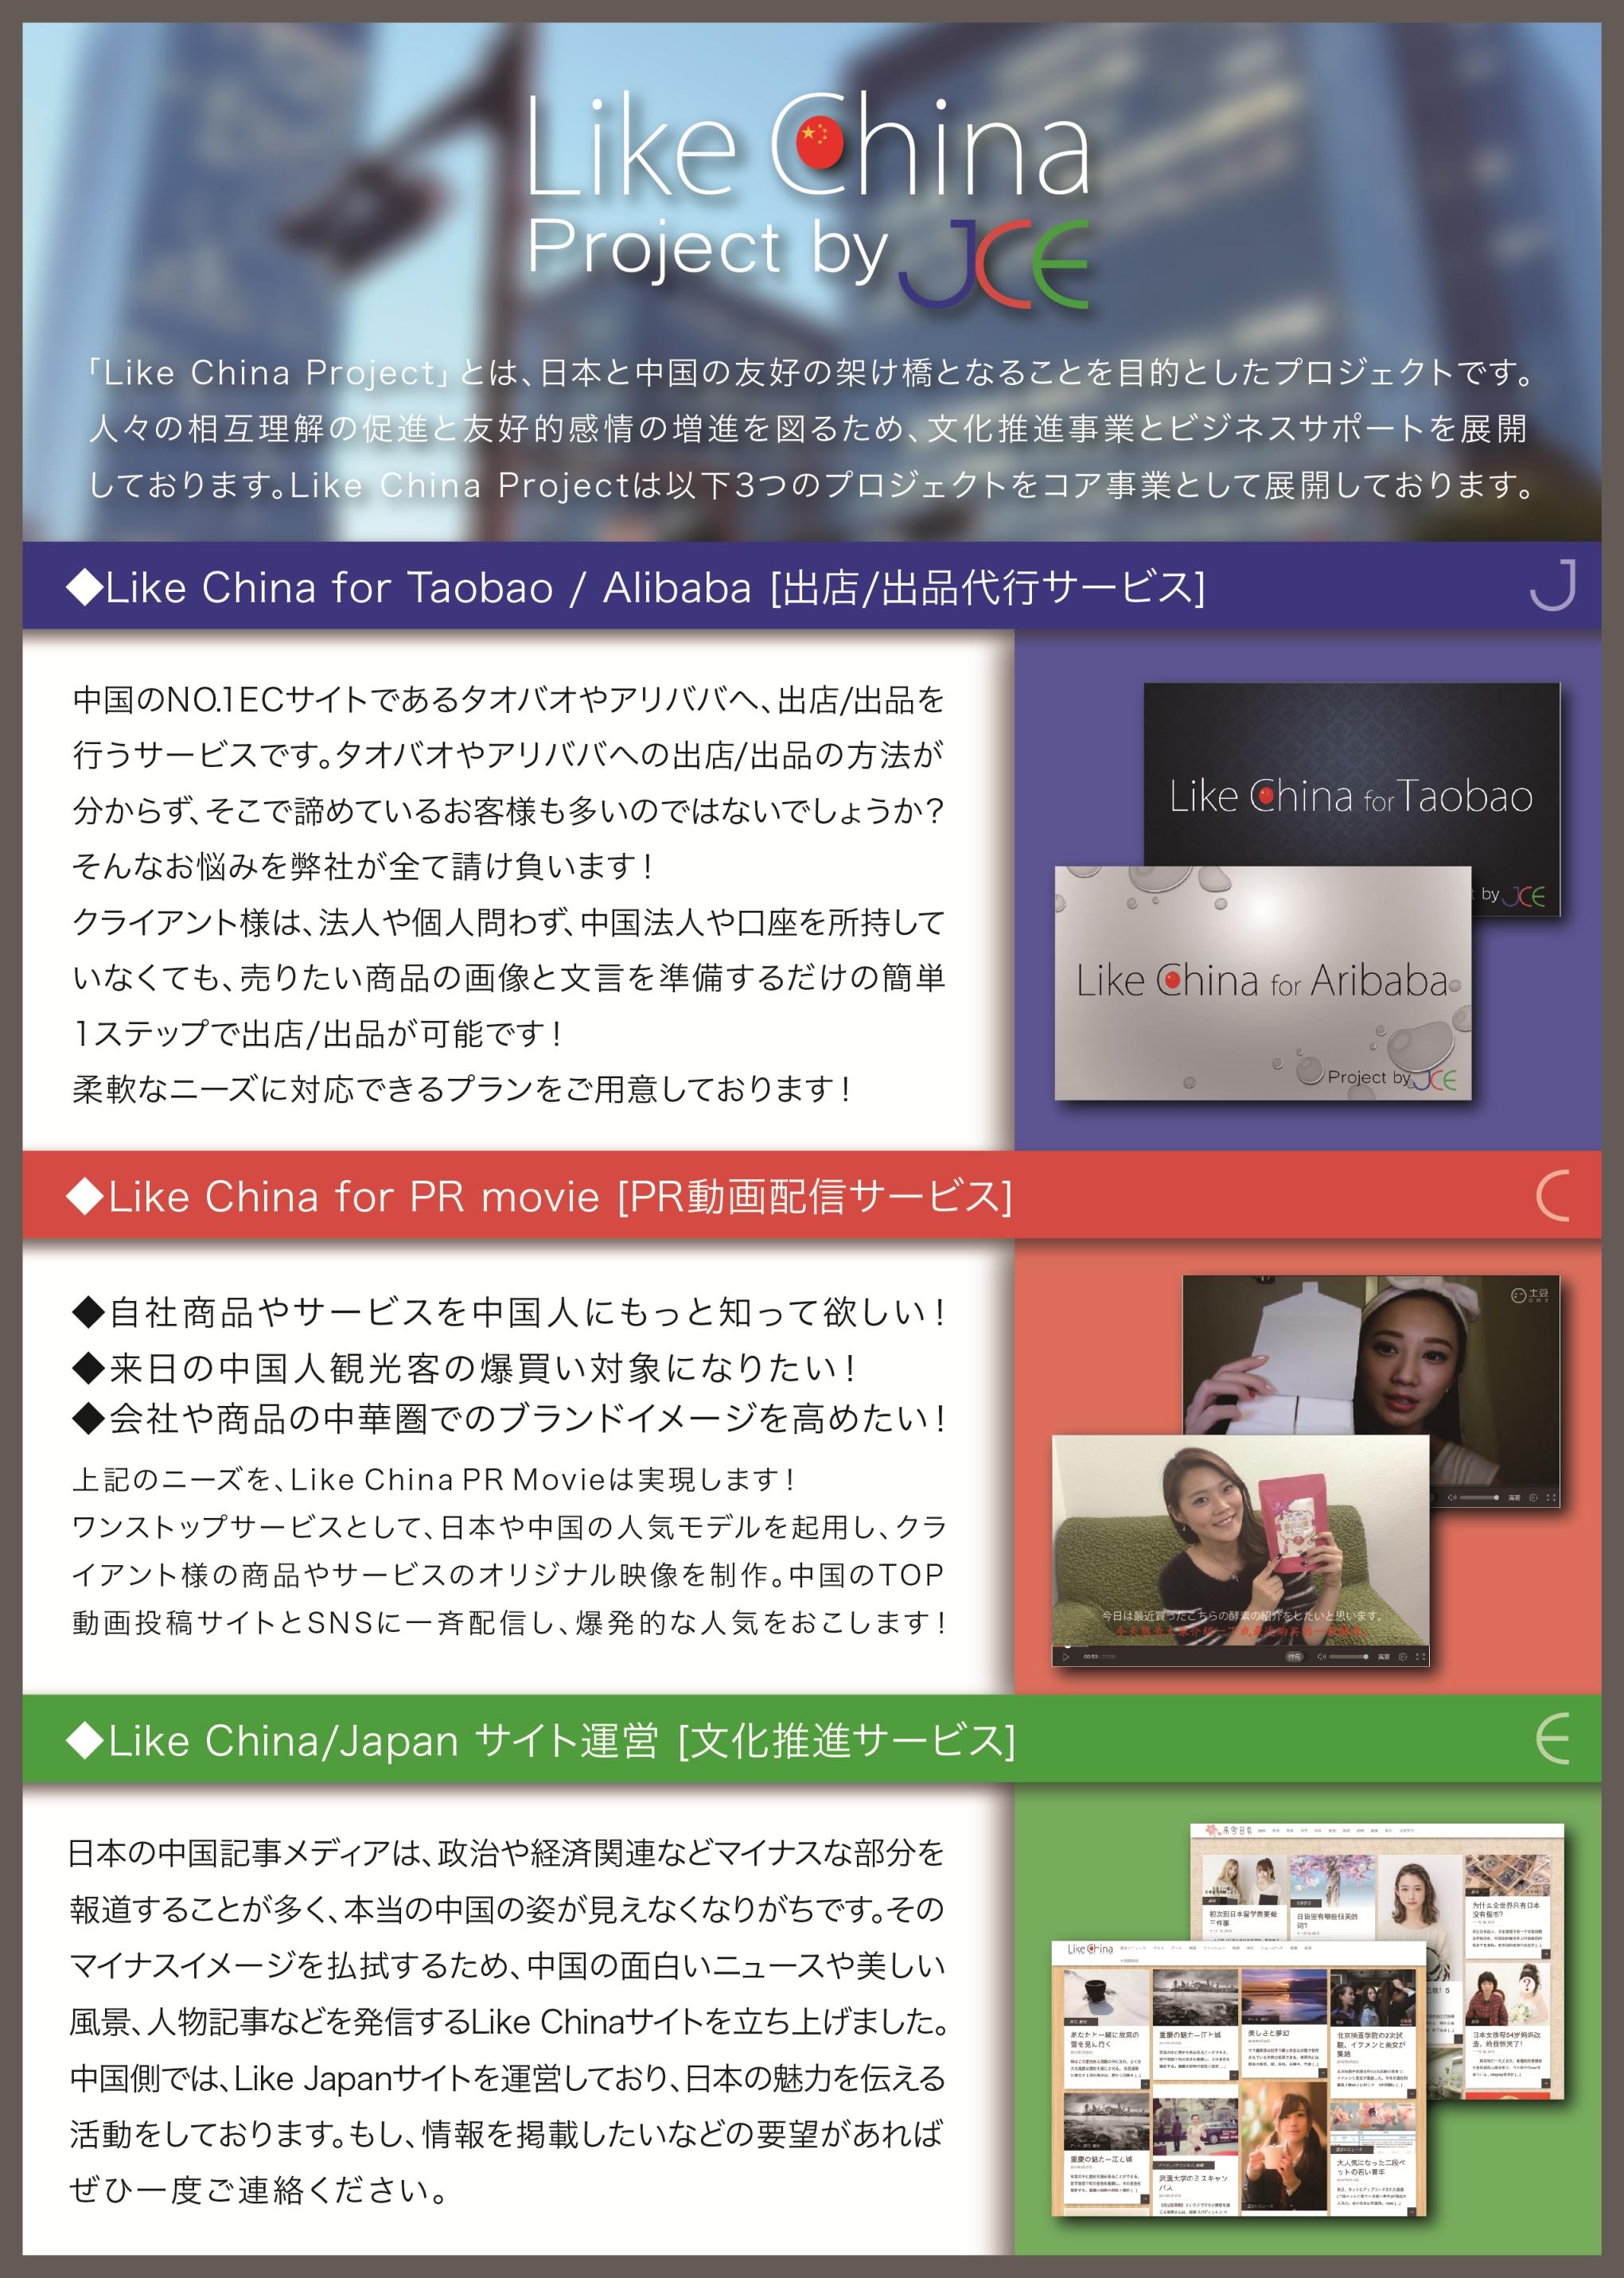 JCE_ランディングページ-01s